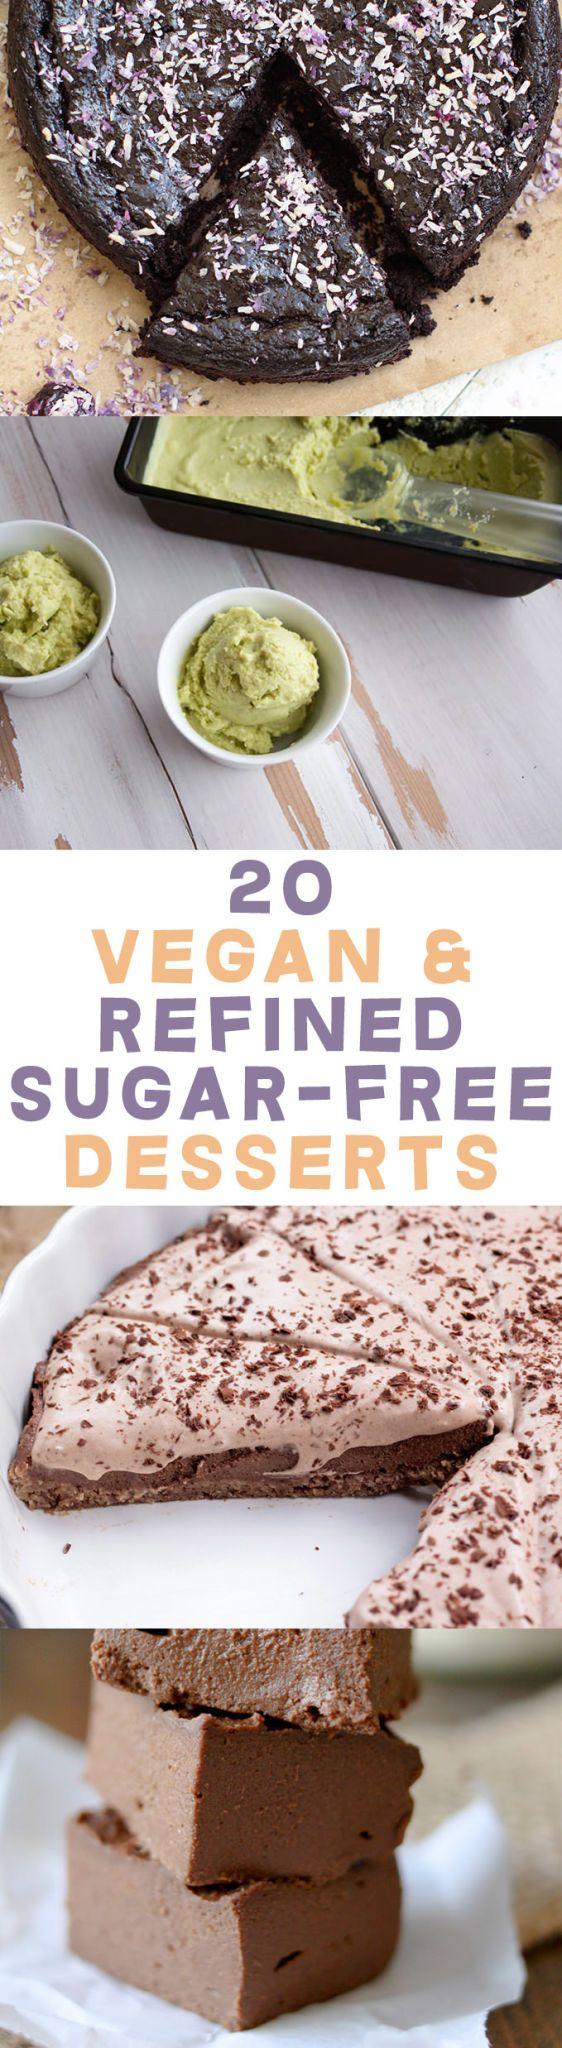 20 Vegan & Refined Sugar-Free Desserts   ElephantasticVegan.com